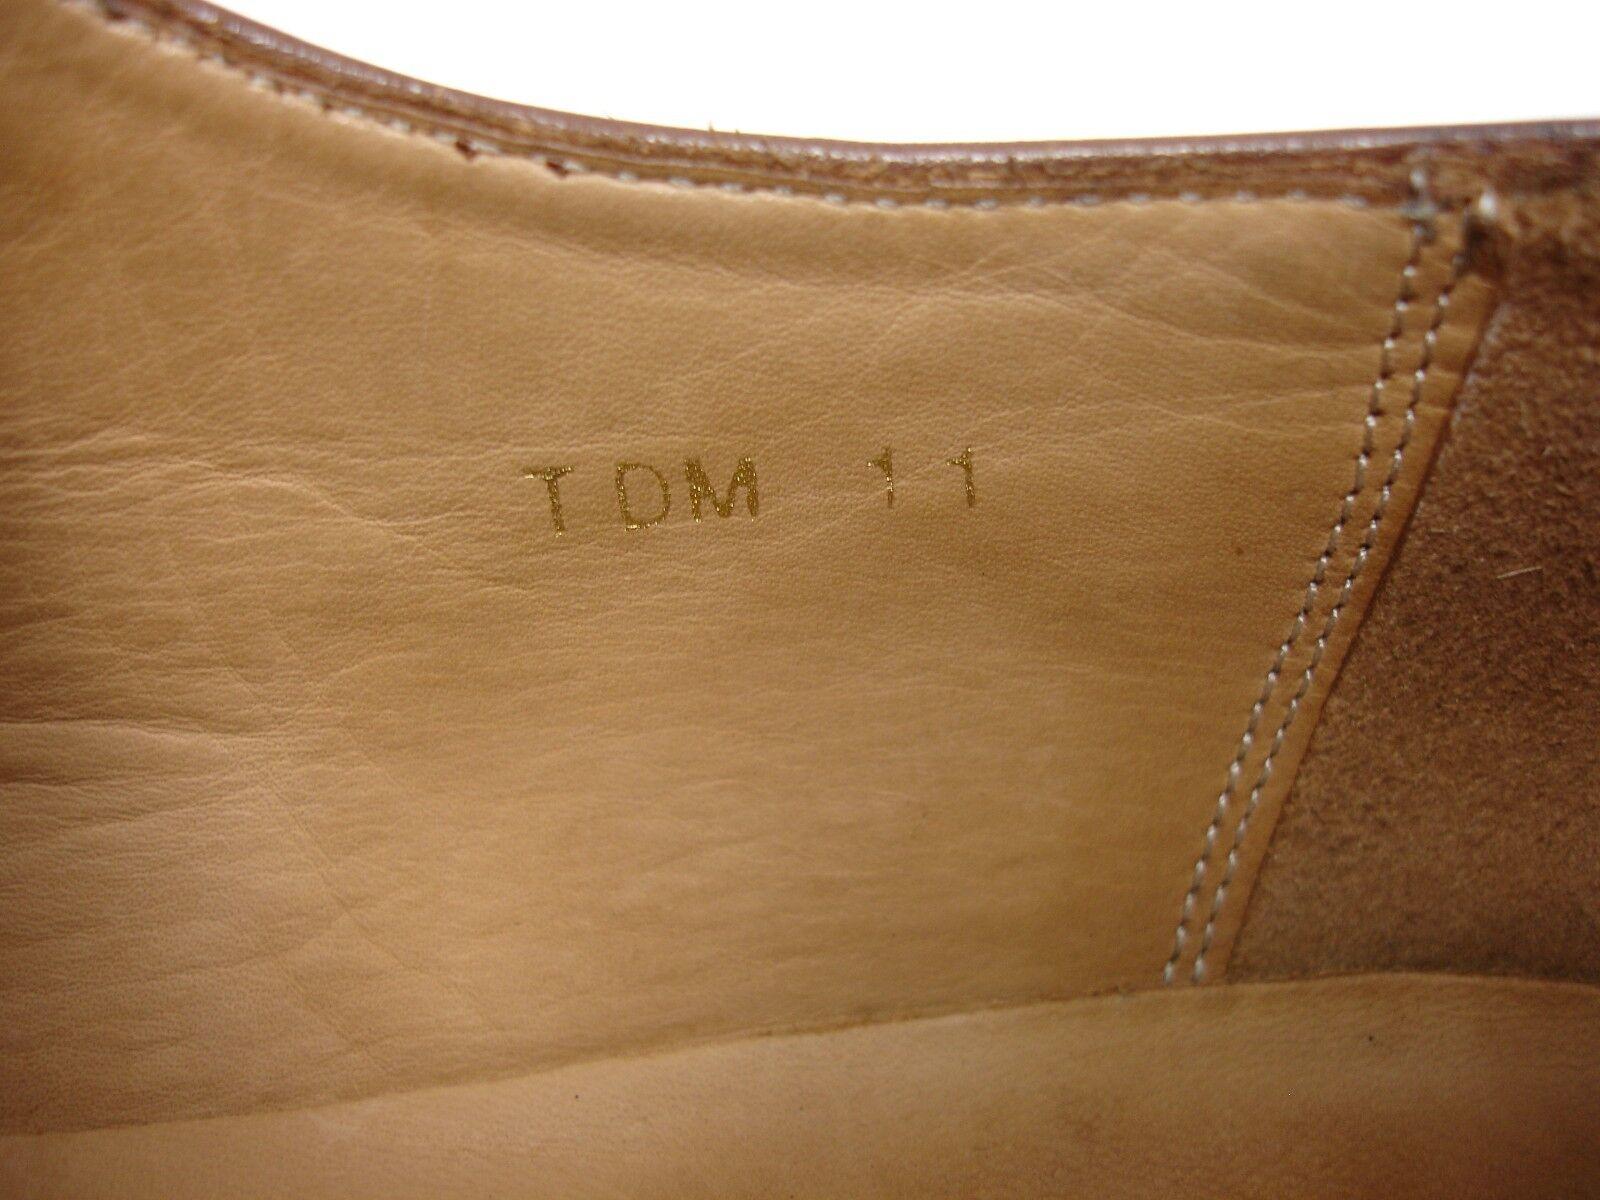 3DM LEATHER LIFESTYLE PLAIN DERBY BROWN LEATHER 3DM OXFORD DRESS SHOES MEN  UK 11 US 12 12.5 e85b96